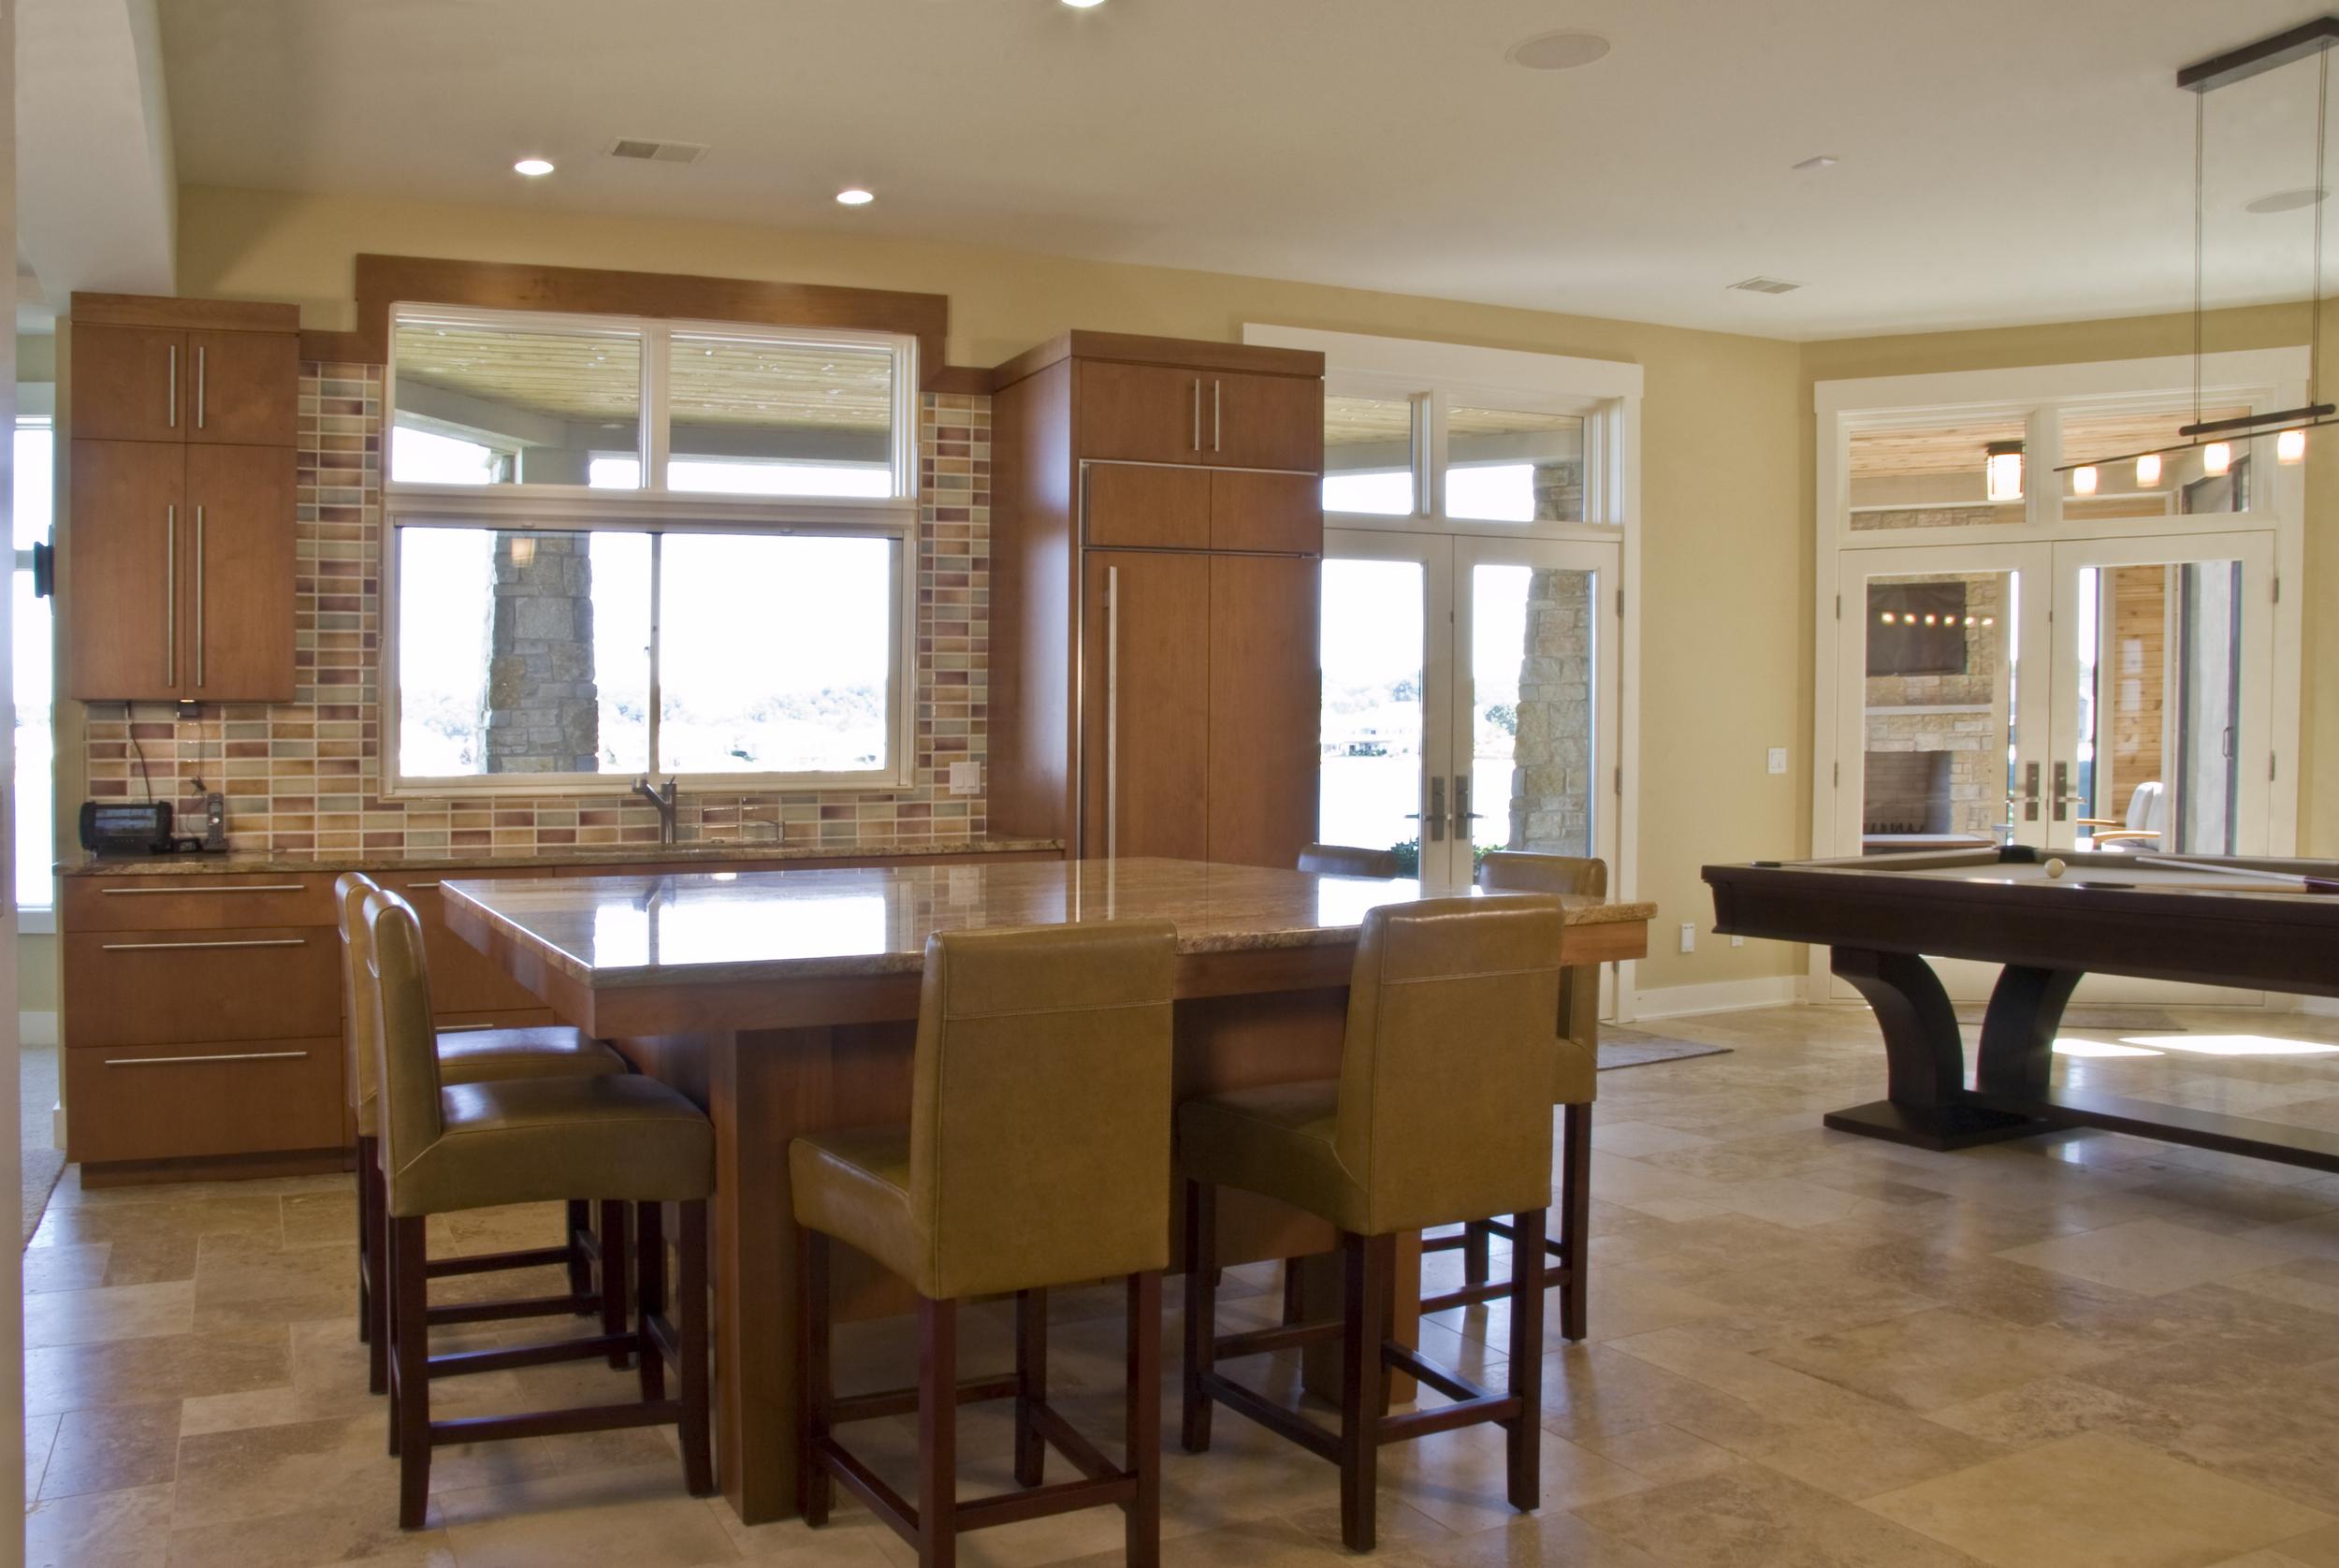 LL Kitchen - 4604.jpg